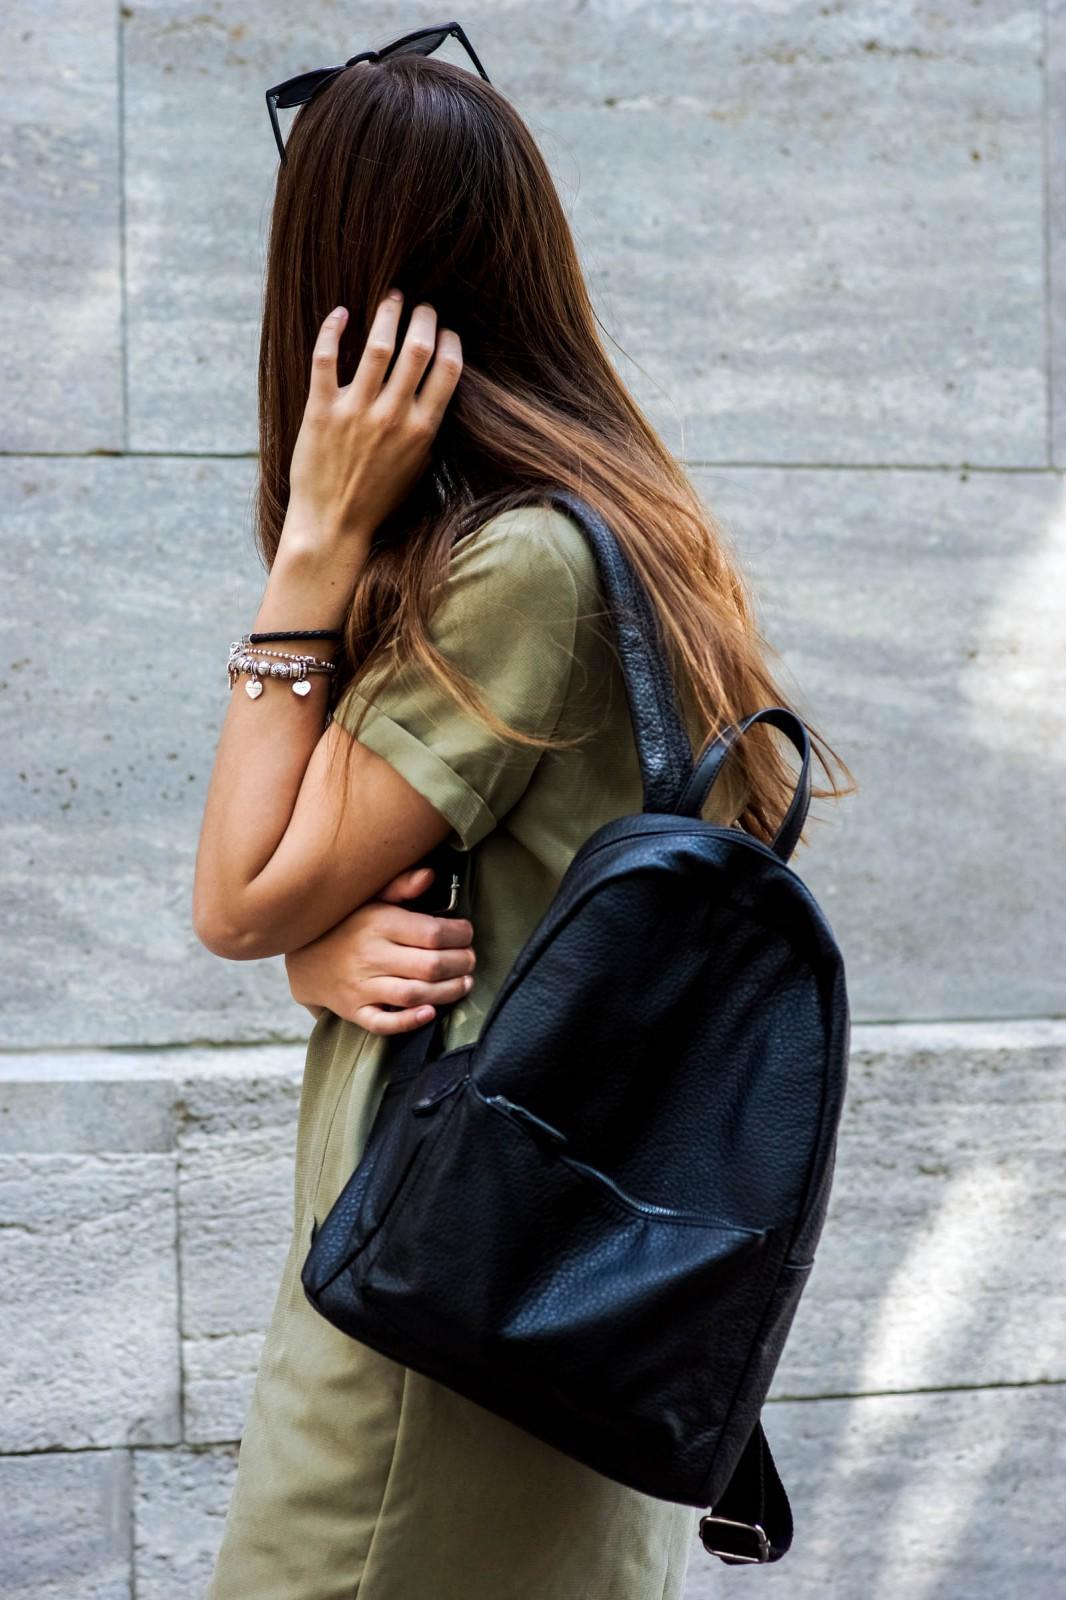 Wie trägt man einen Rucksack